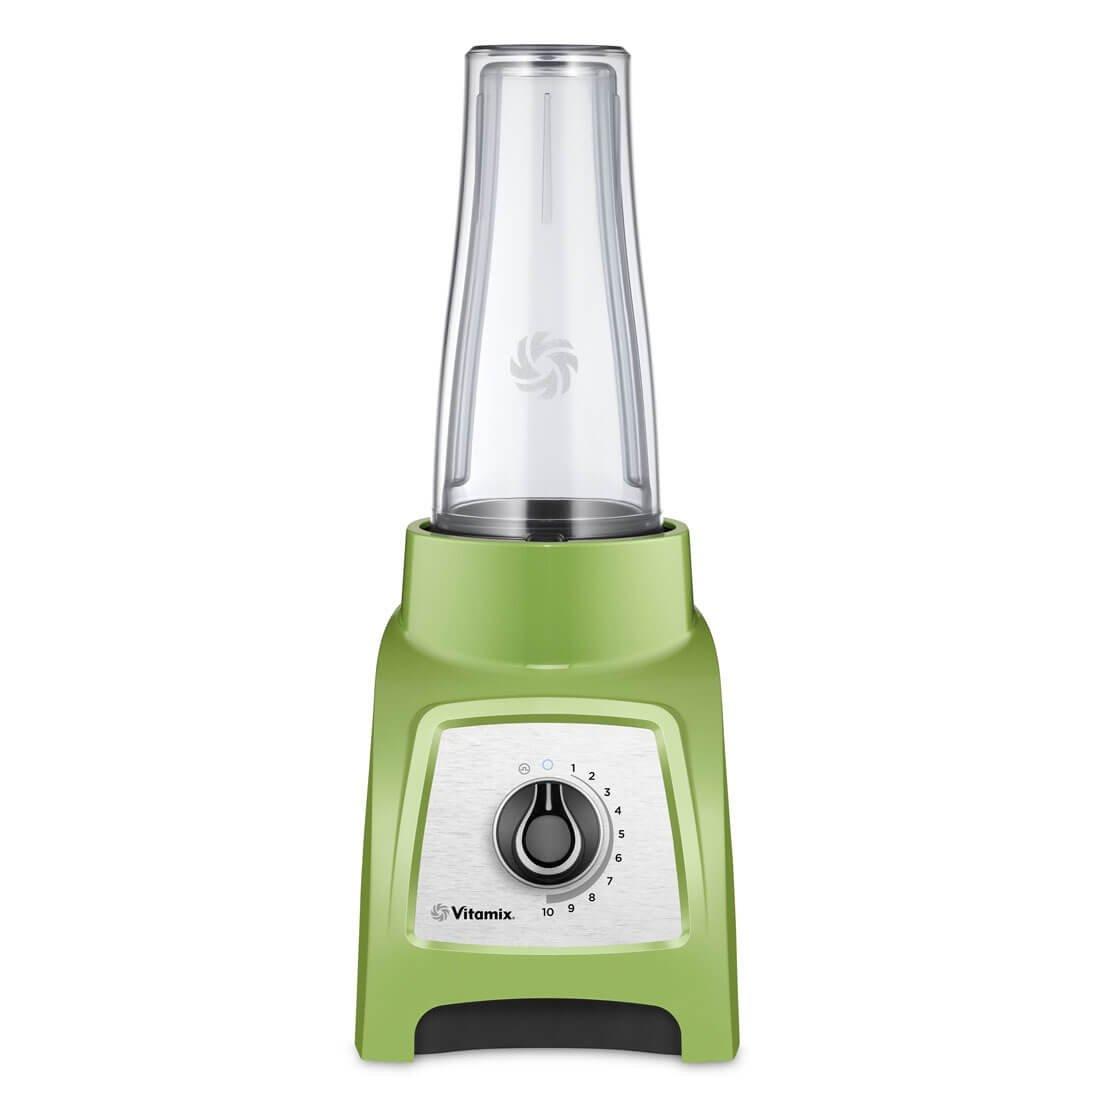 Vitamix licuadora S30 verde